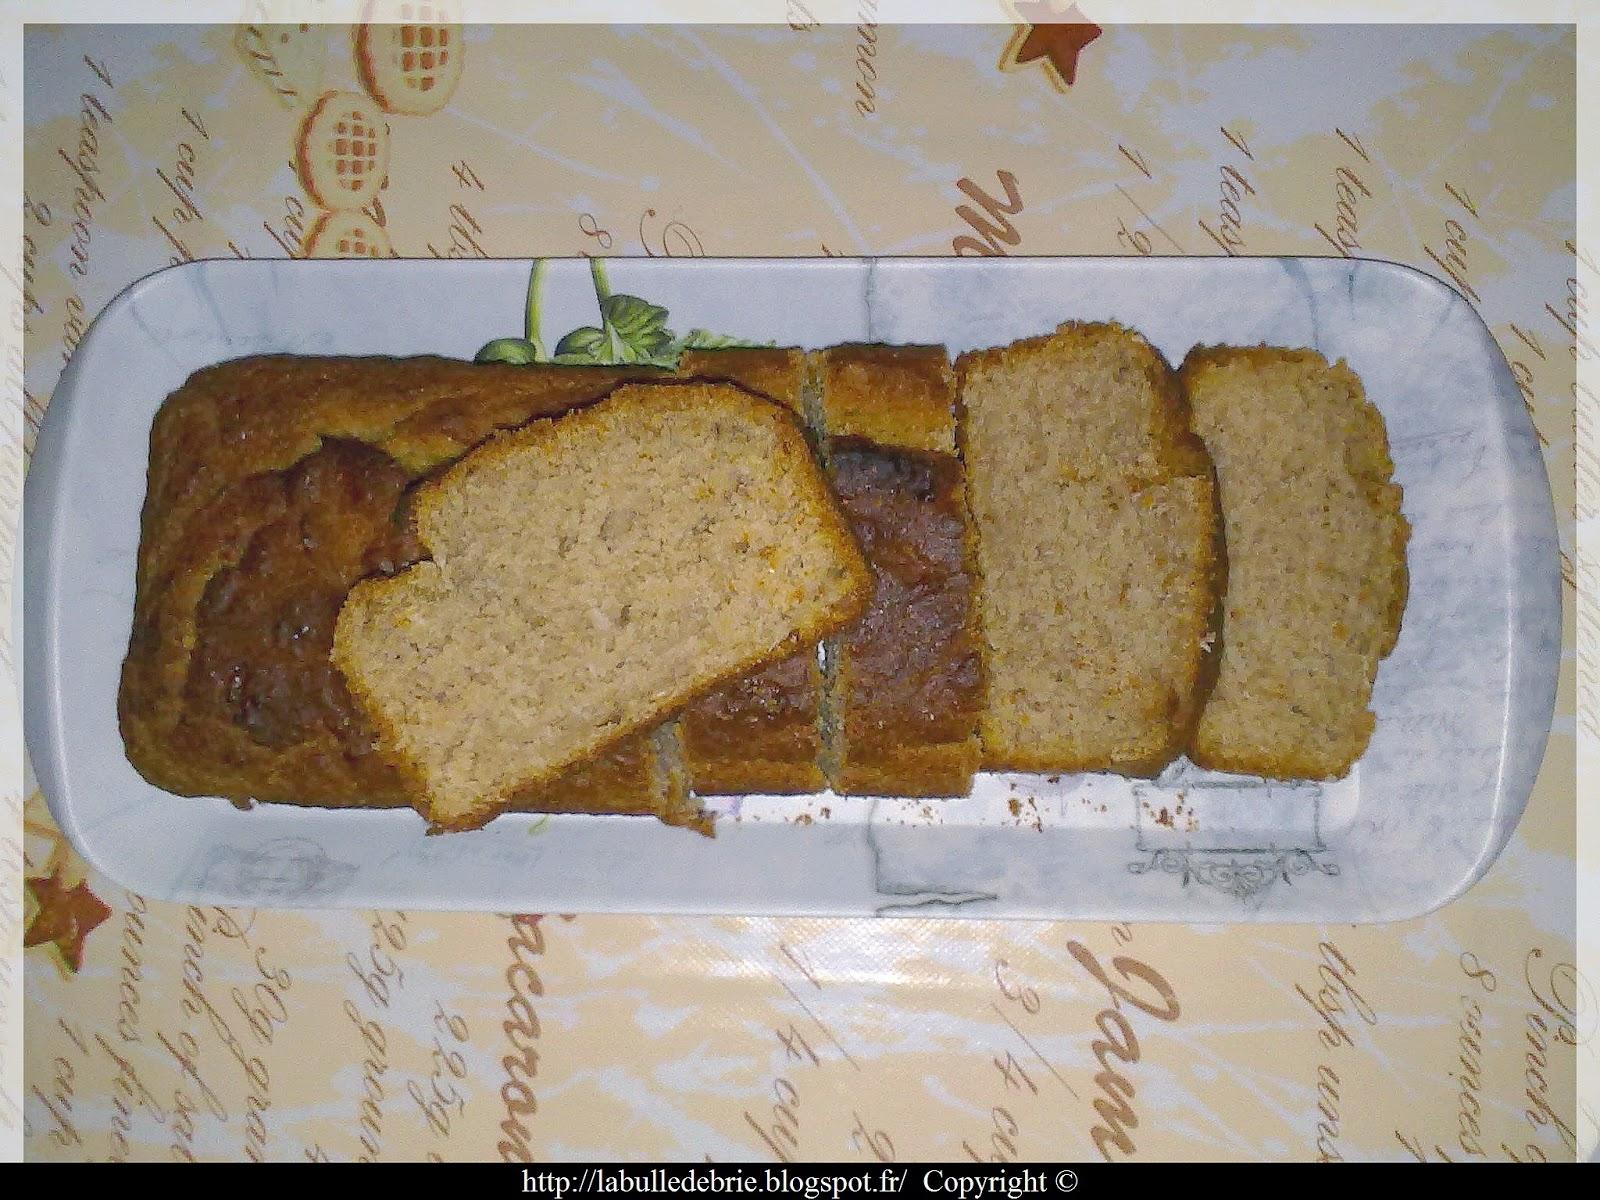 La bulle de briagenn cake banane coco sans oeuf - Gateau a la banane sans oeuf ...